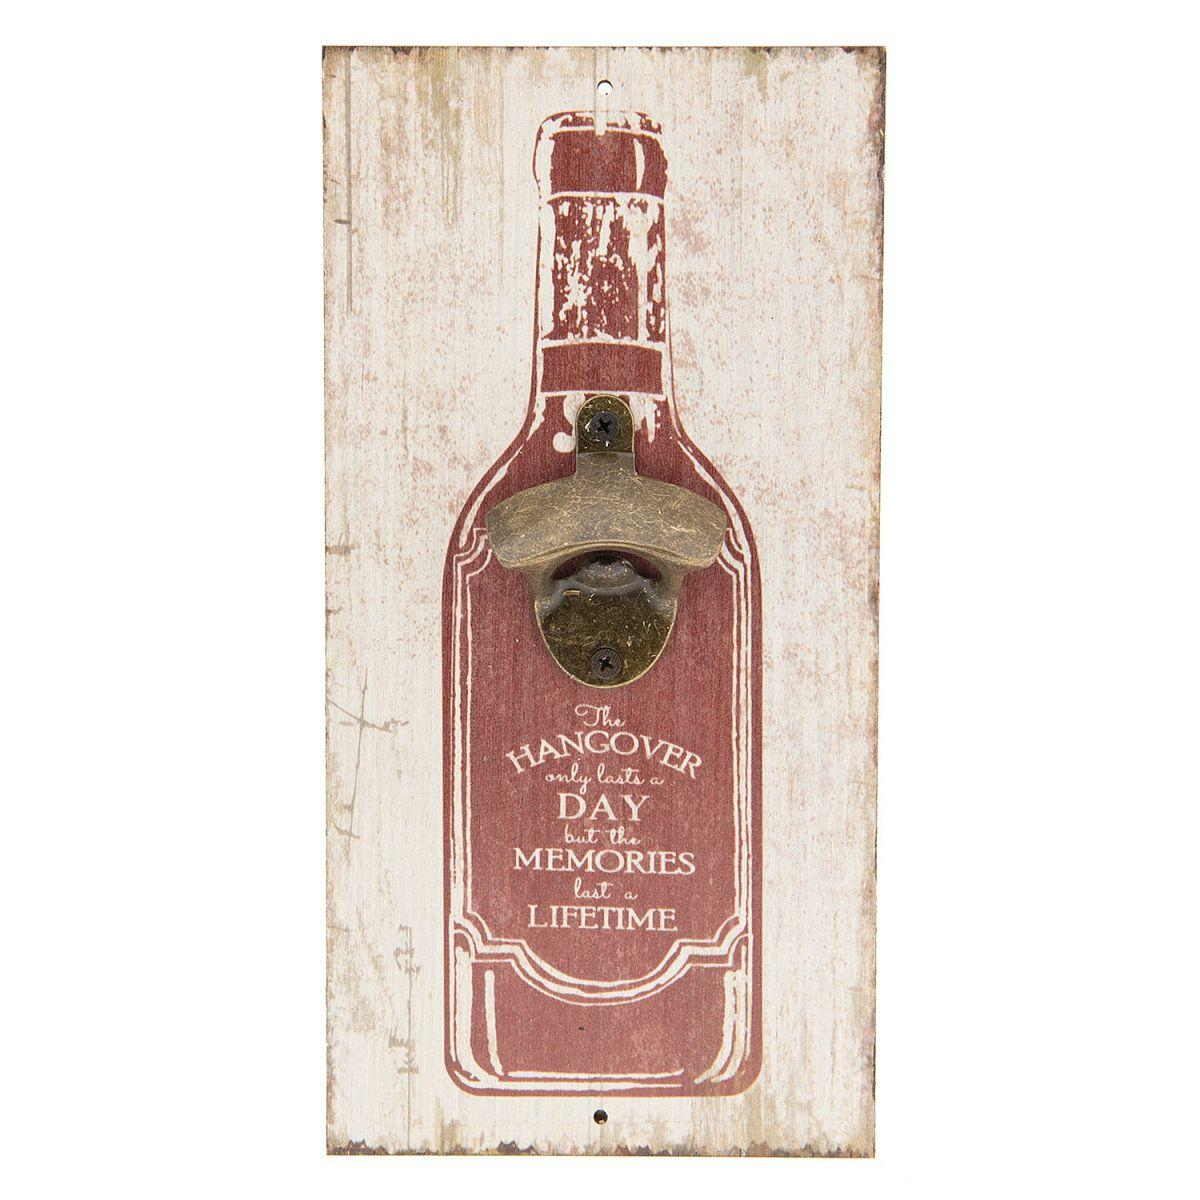 Nástěnný otvírák lahví HANDGOVER